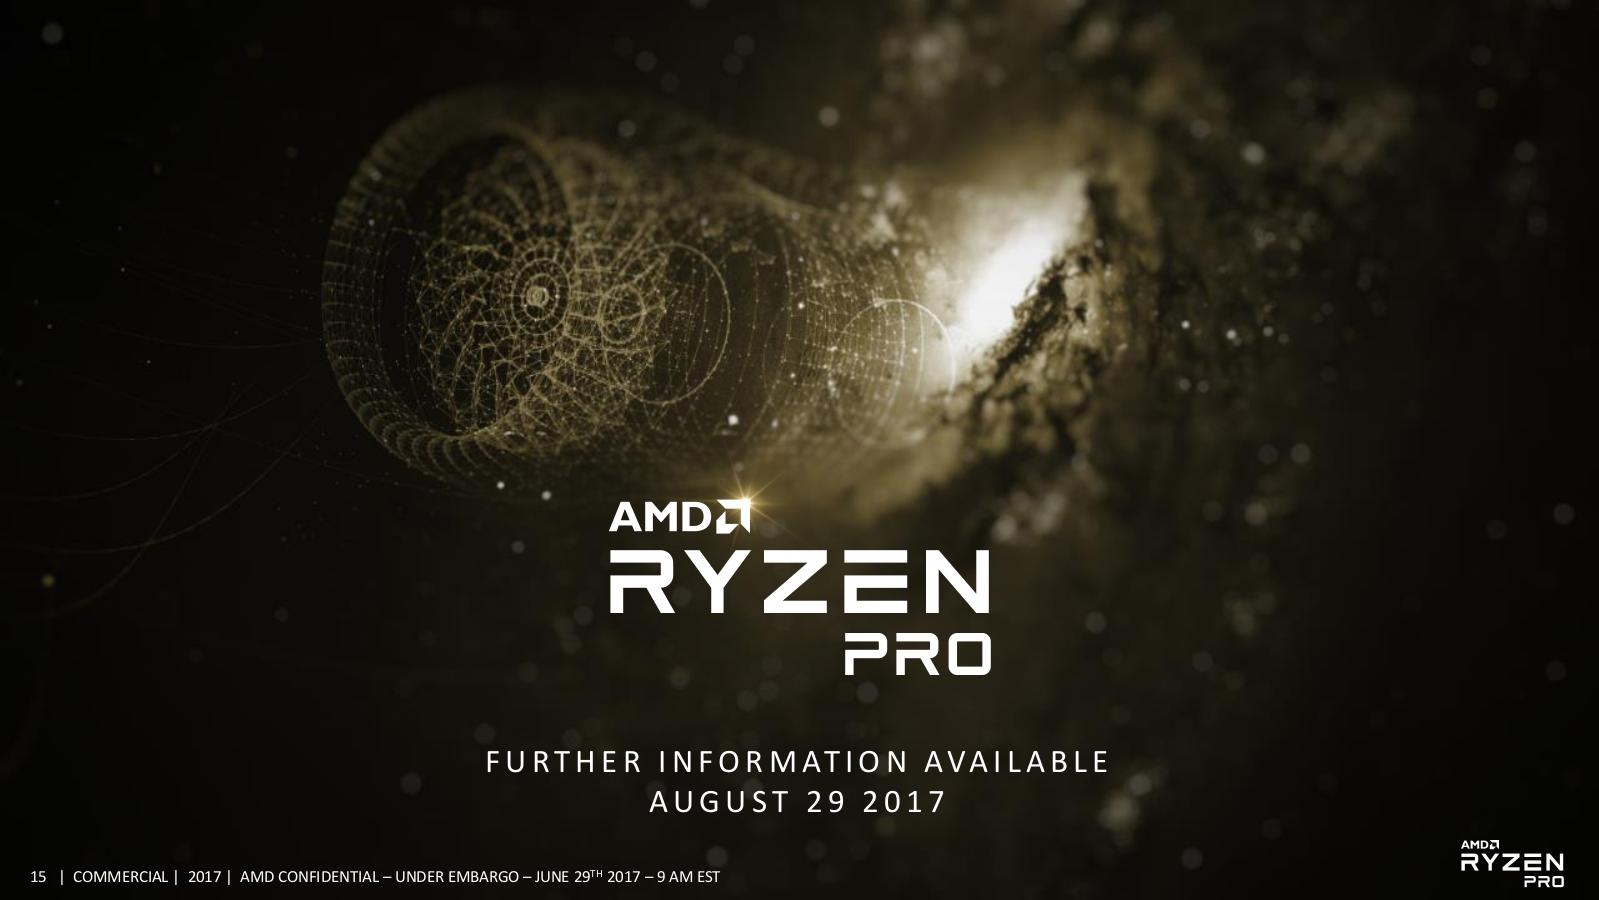 AMD Ryzen PRO CPU APU